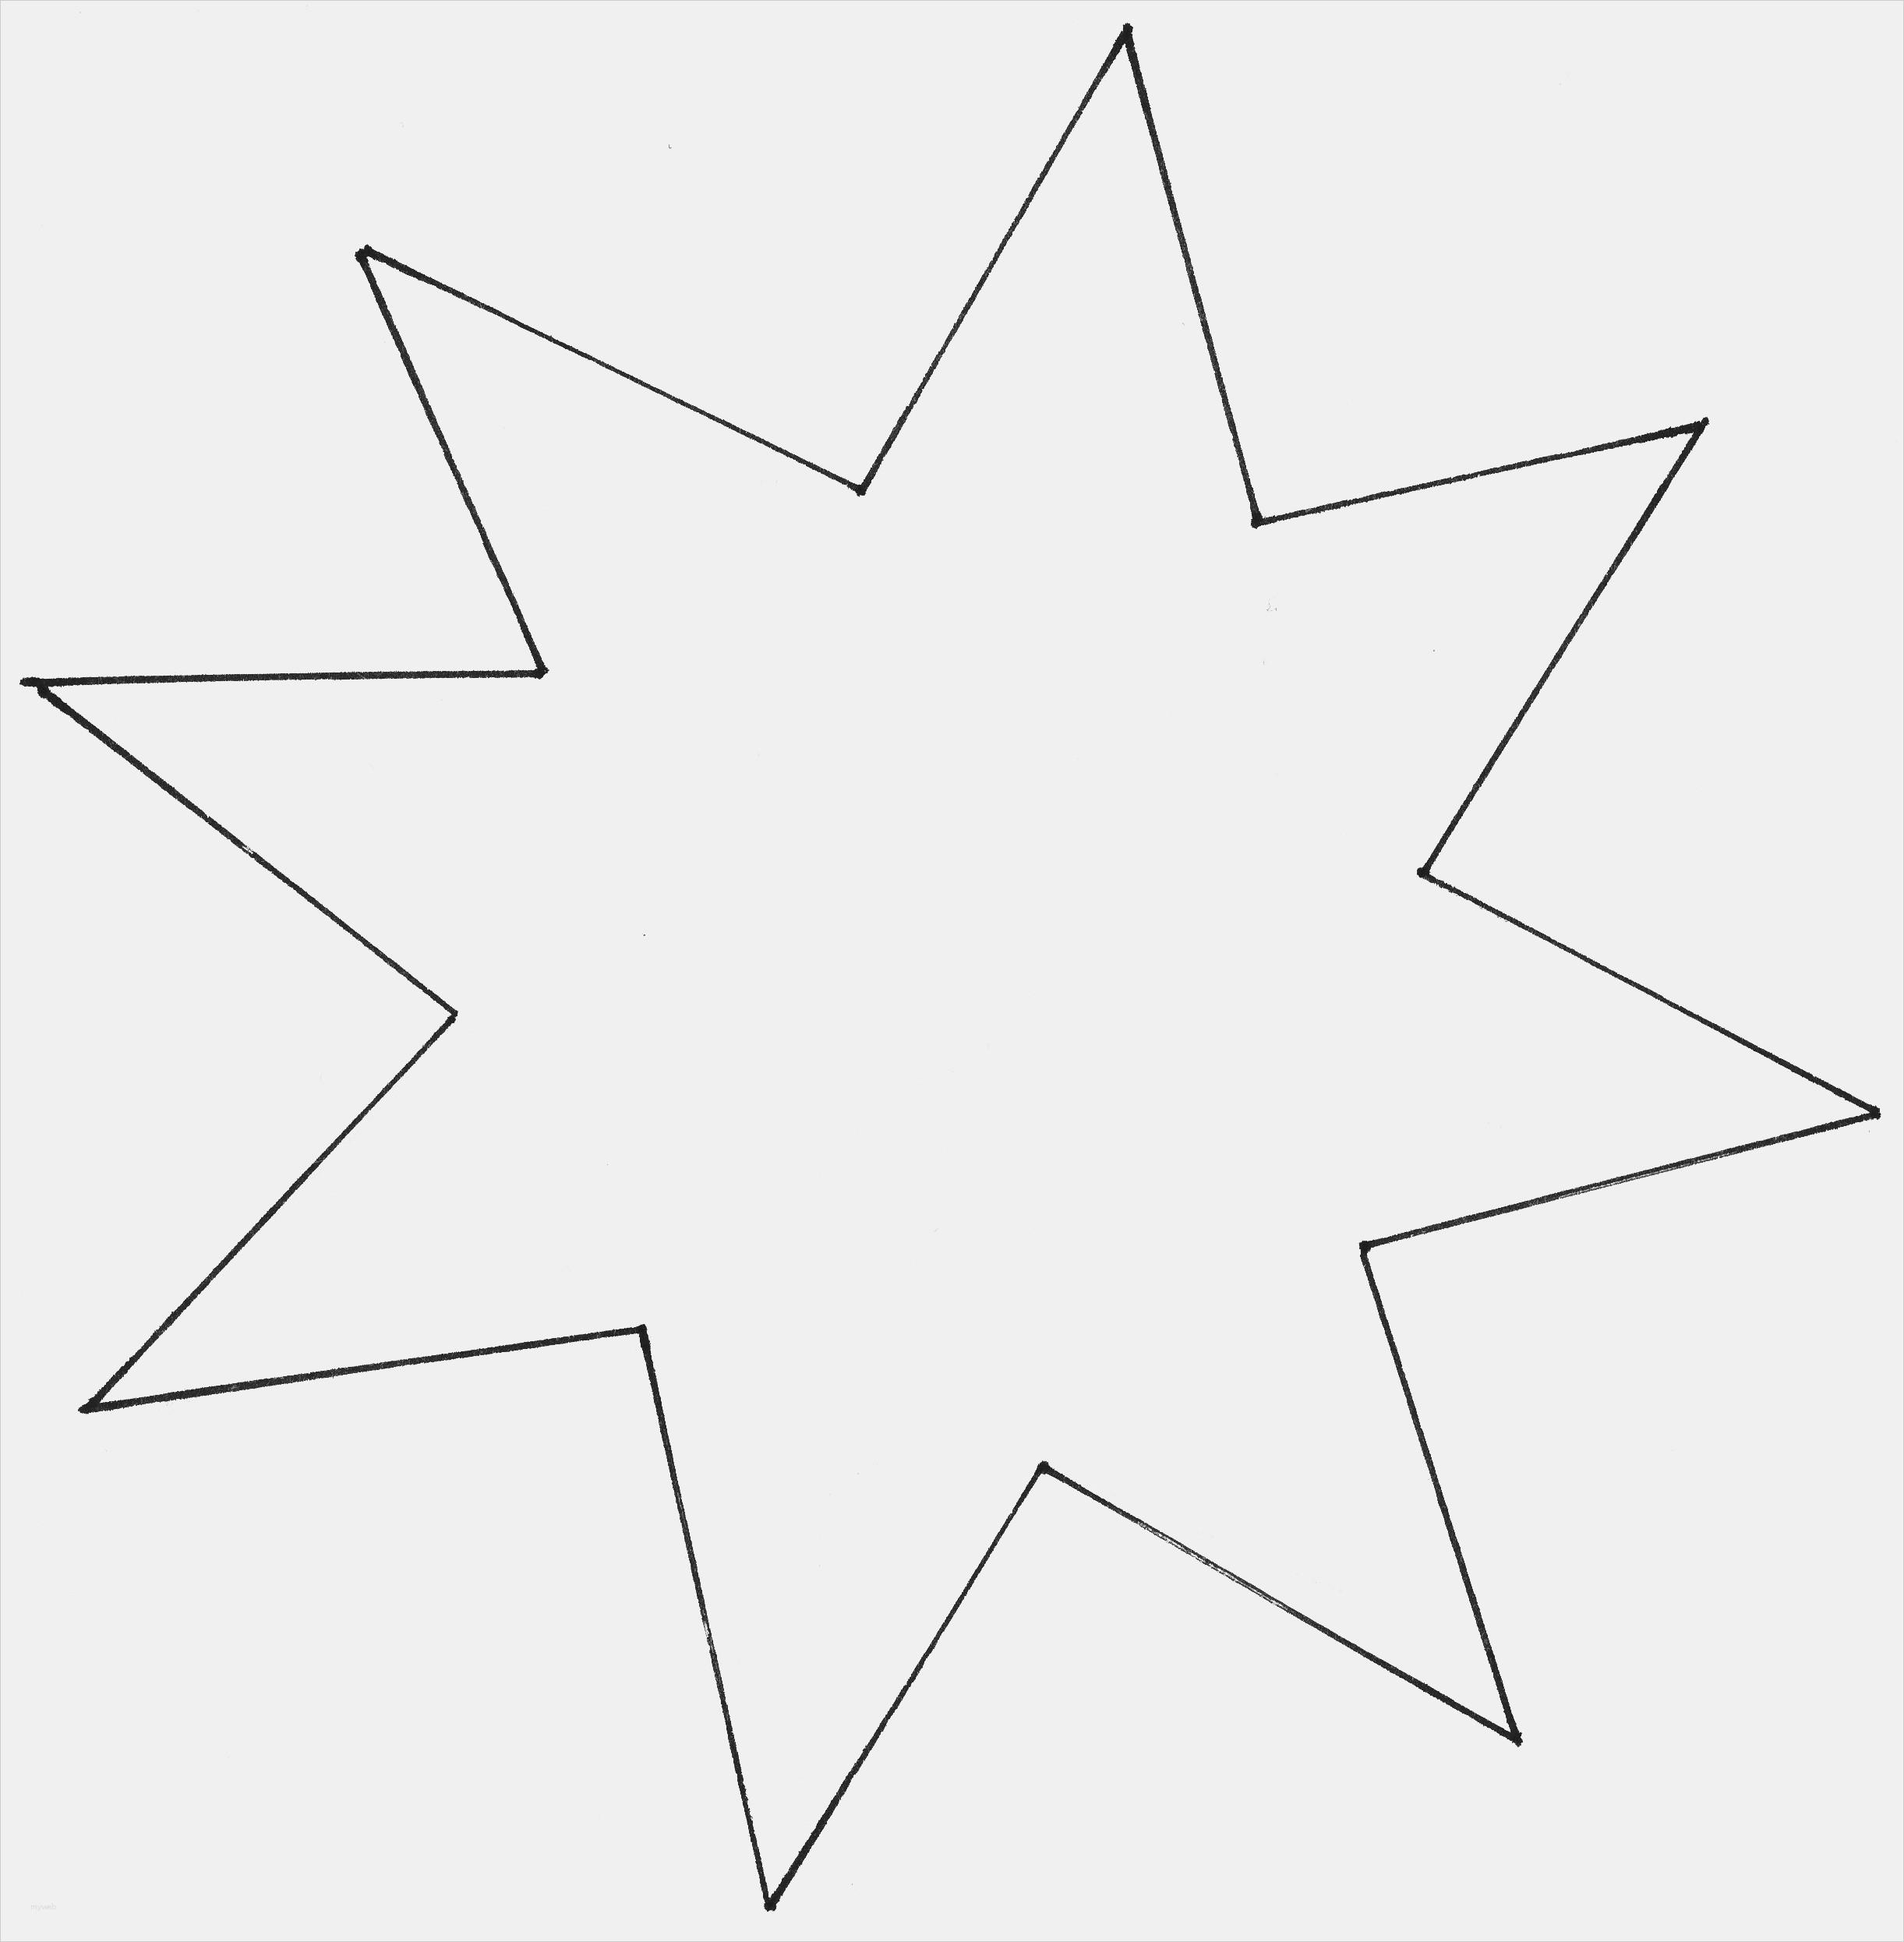 Ausmalbilder Weihnachten Sterne Neu Frisch Stern Vorlagen Kostenlos Zum Ausdrucken Bauwerks Fotografieren